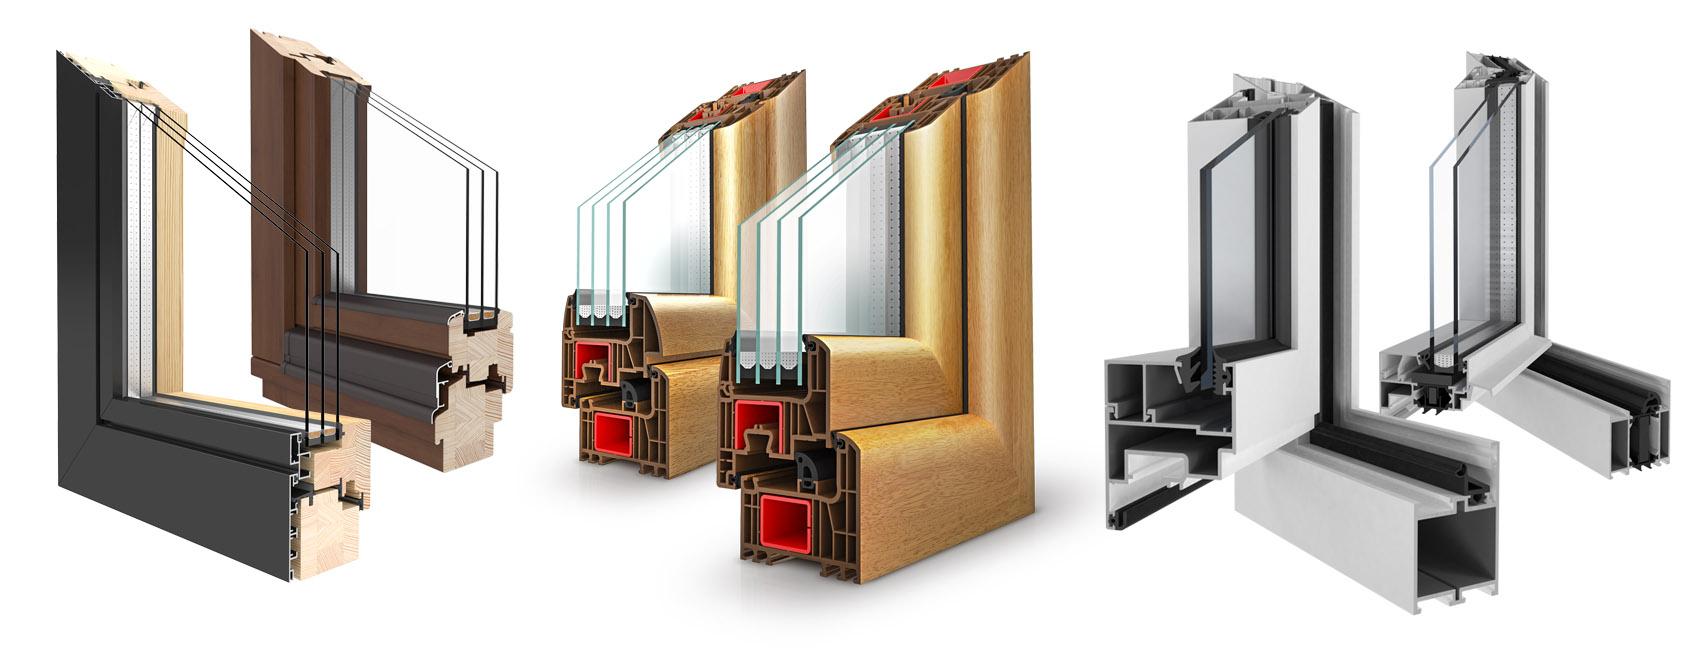 Full Size of Fenster Drutex Drutefenster Jetzt Gnstig Beim Direktvertrieb Bestellen Sicherheitsfolie Test Kunststoff Gitter Einbruchschutz Gebrauchte Kaufen Flachdach Weru Fenster Fenster Drutex